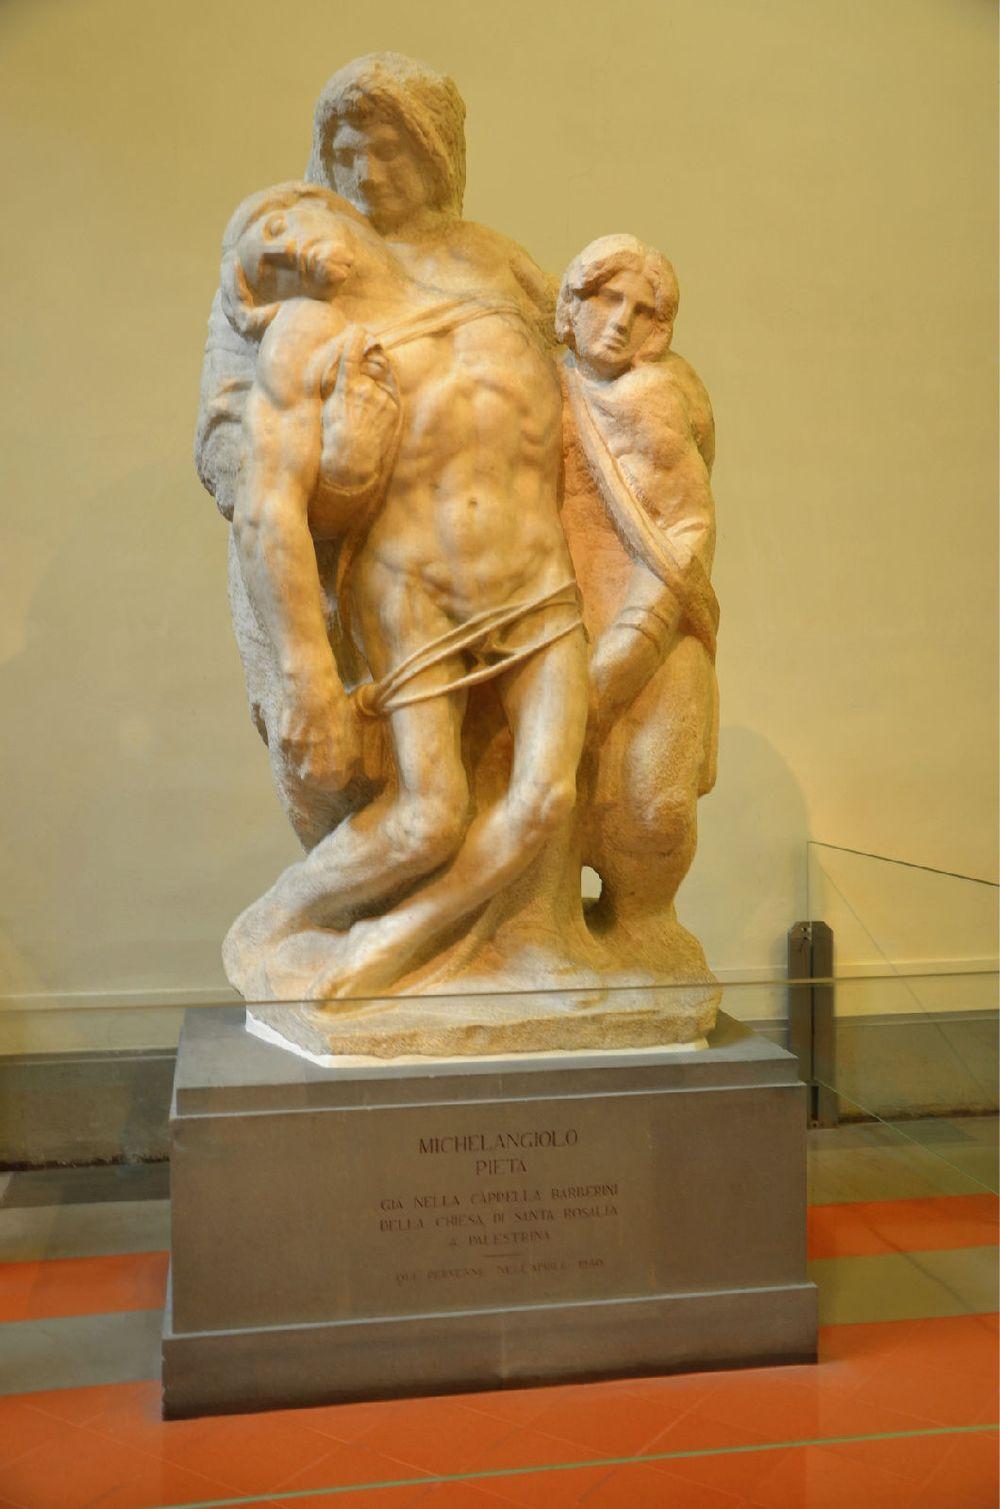 米开朗基罗的雕塑《圣殇像》,圣母扶着死亡耶稣垂软的身体,整个雕像衬